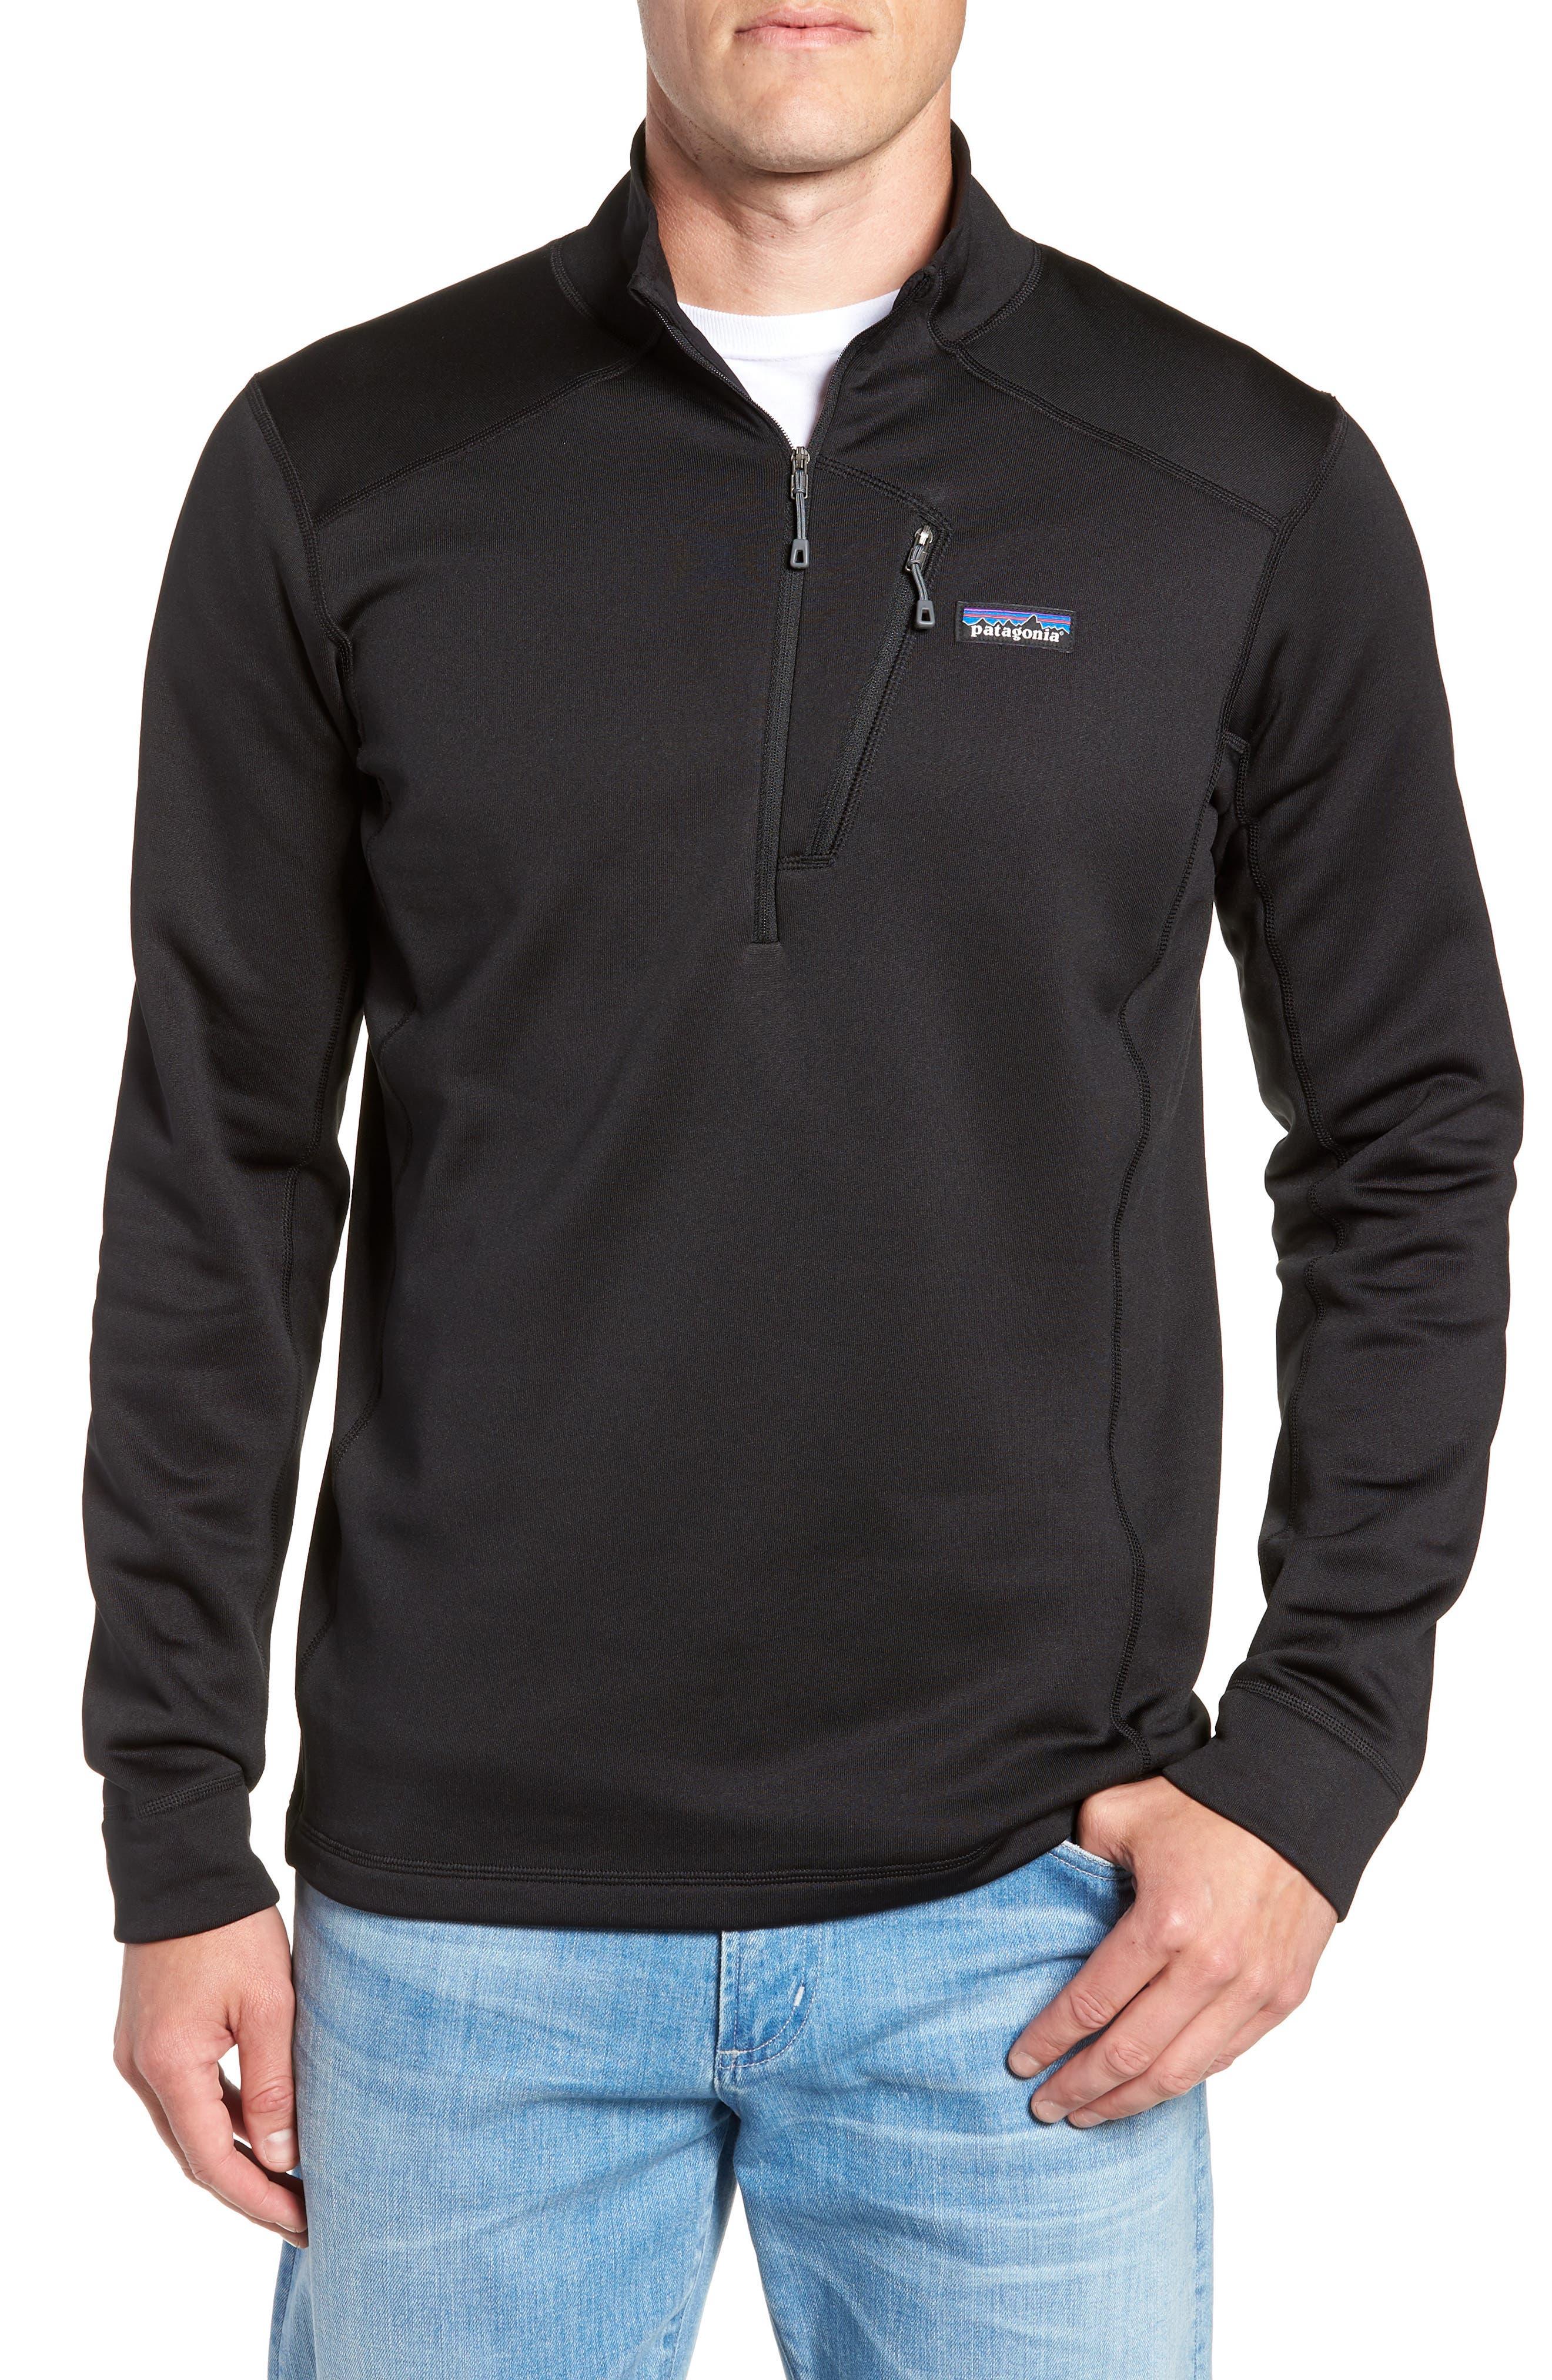 Crosstrek Quarter Zip Fleece Pullover,                         Main,                         color, BLACK